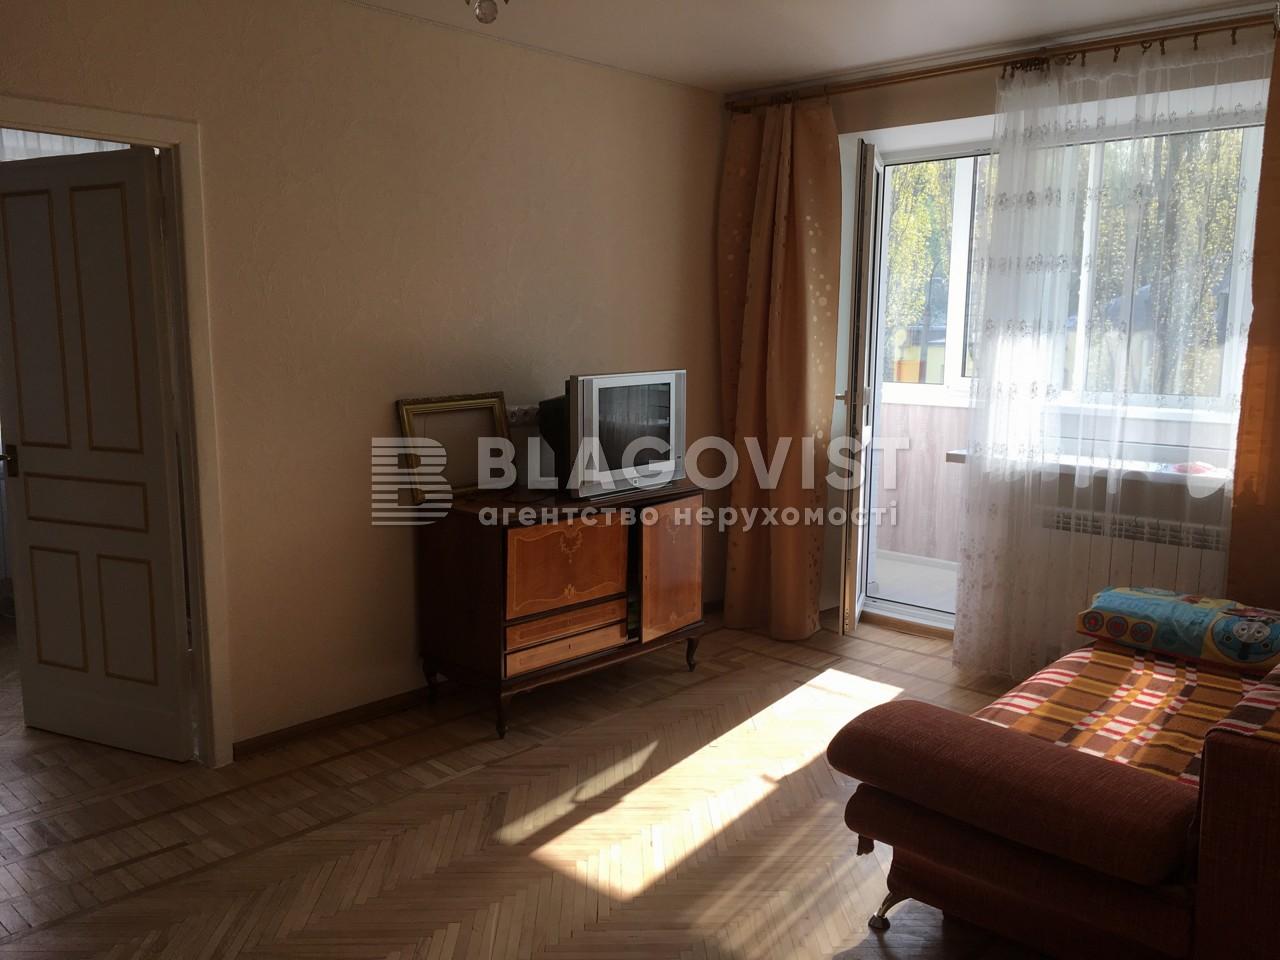 Квартира F-39894, Бастионная, 16, Киев - Фото 4